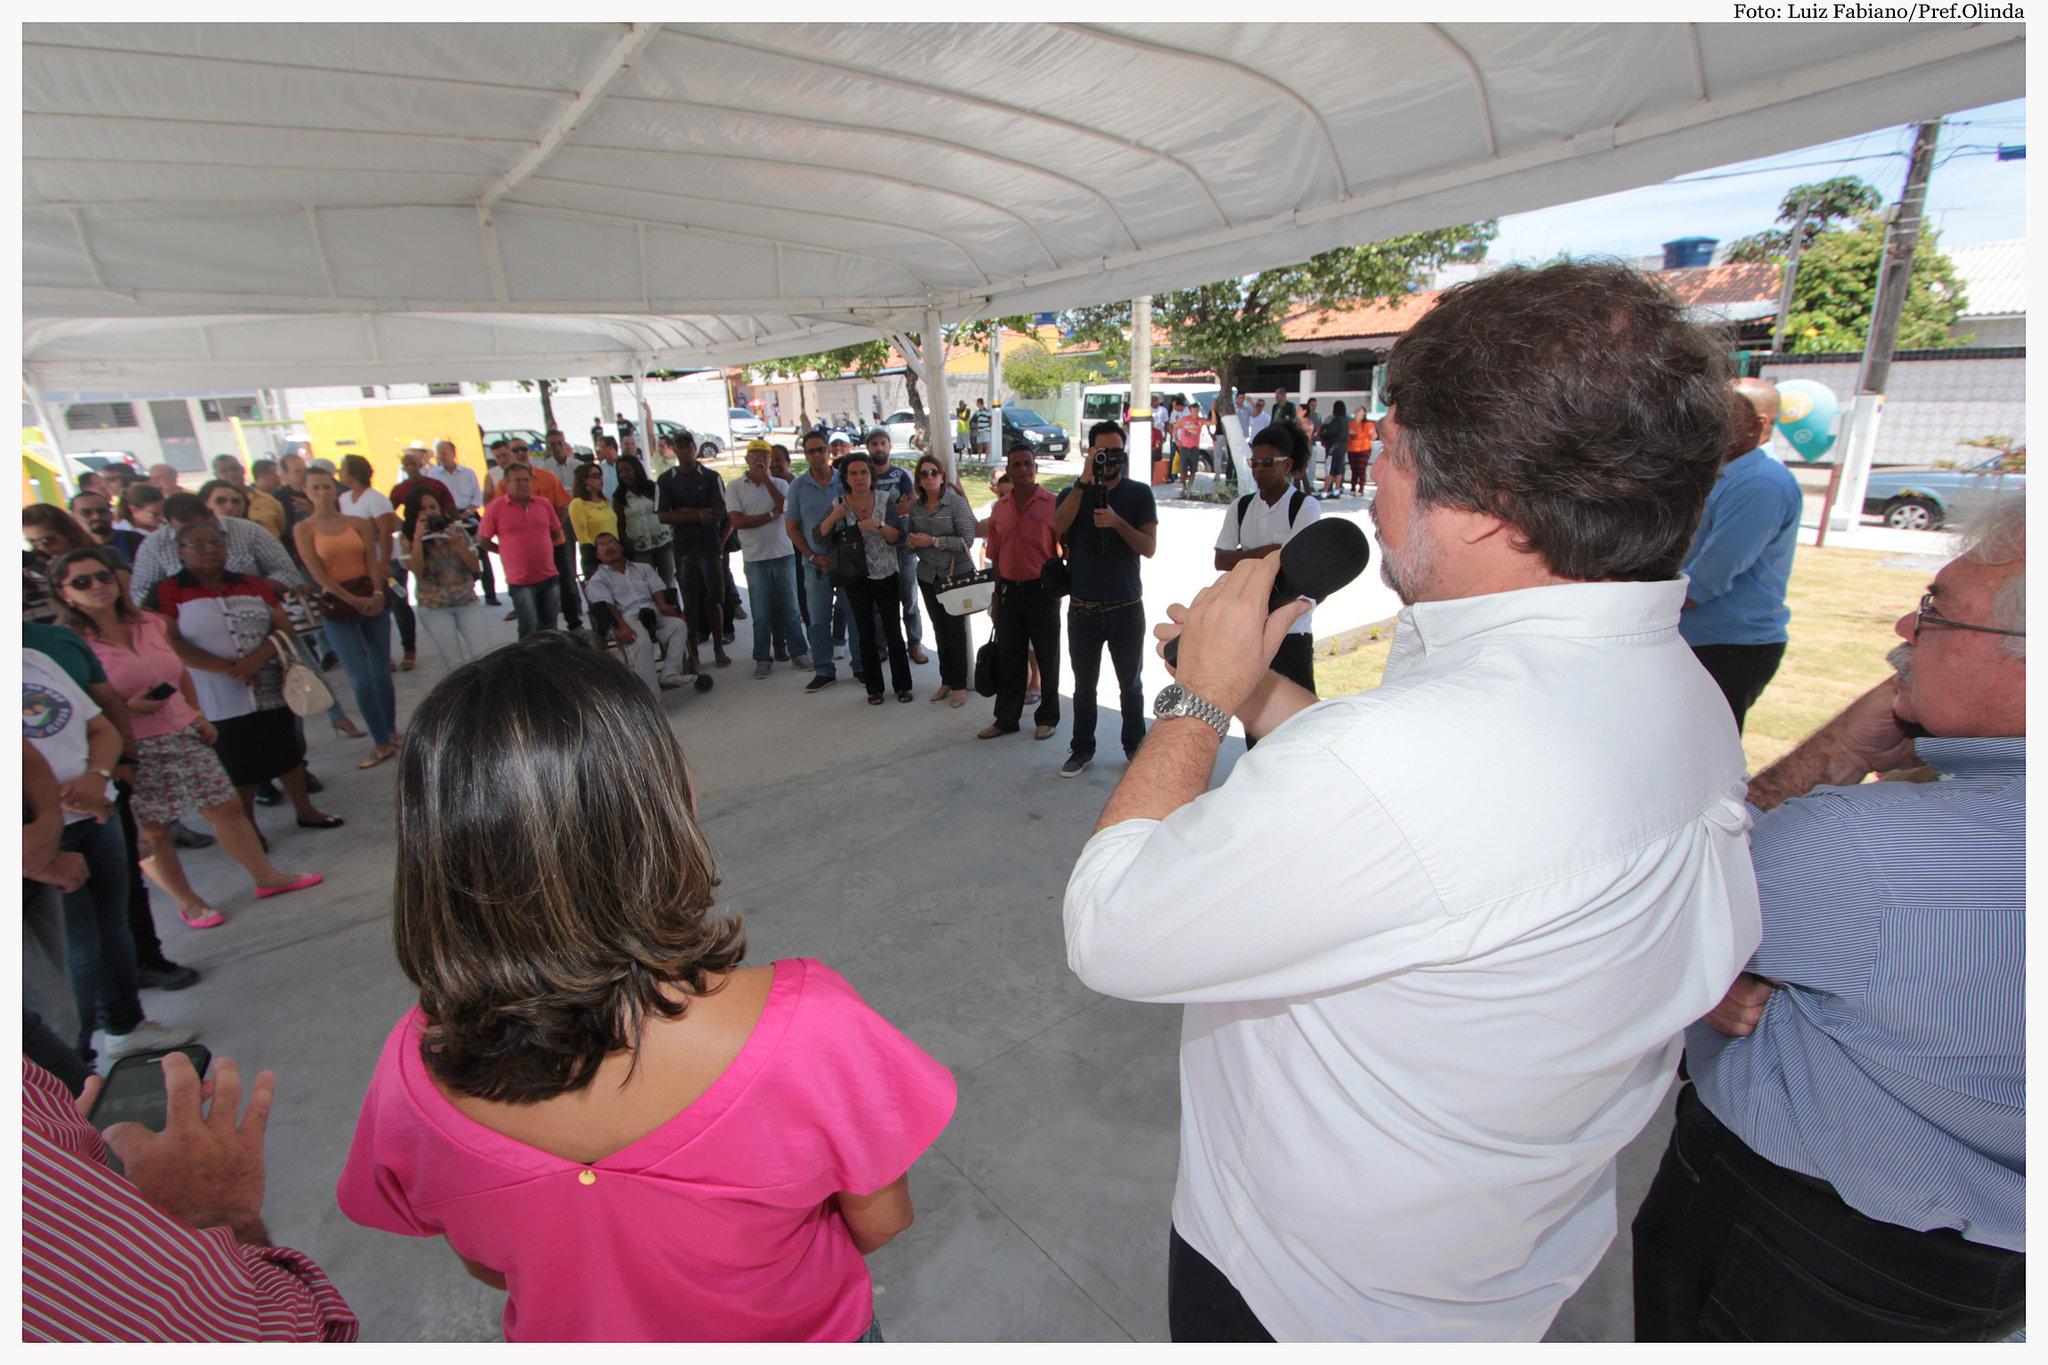 Inauguração da Academia da Saúde de Rio Doce. Fotos: Luiz Fabiano/Pref.Olinda